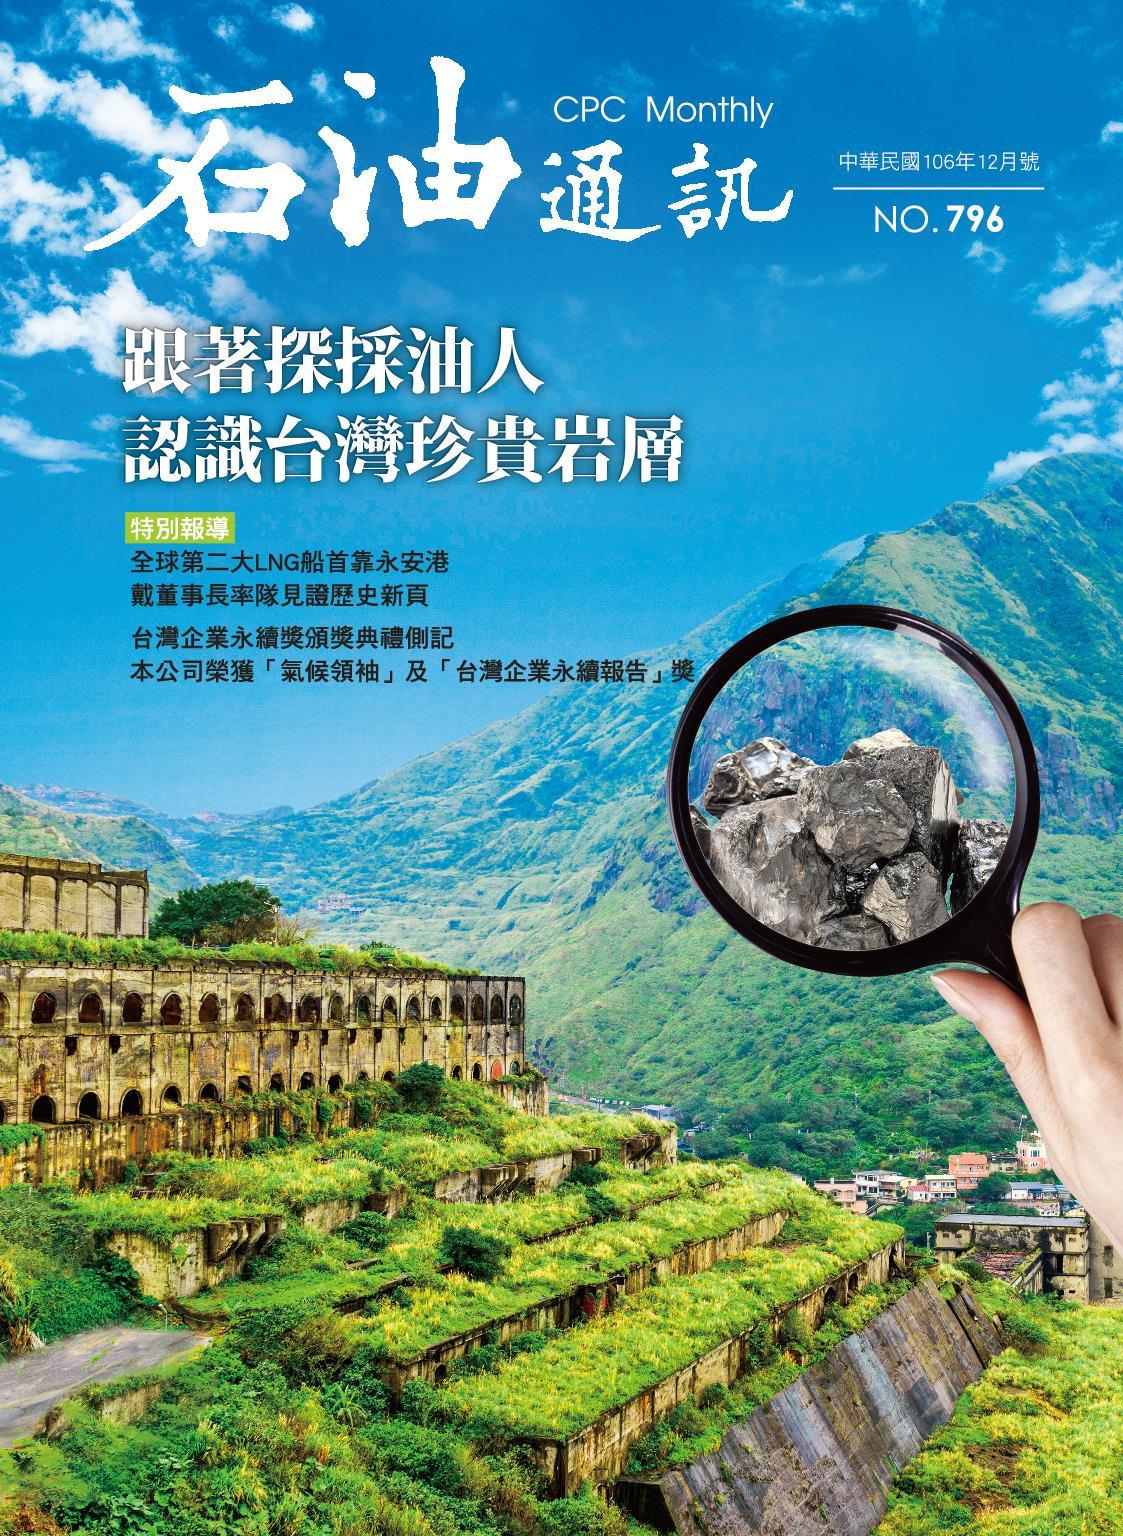 認識台灣珍貴岩層